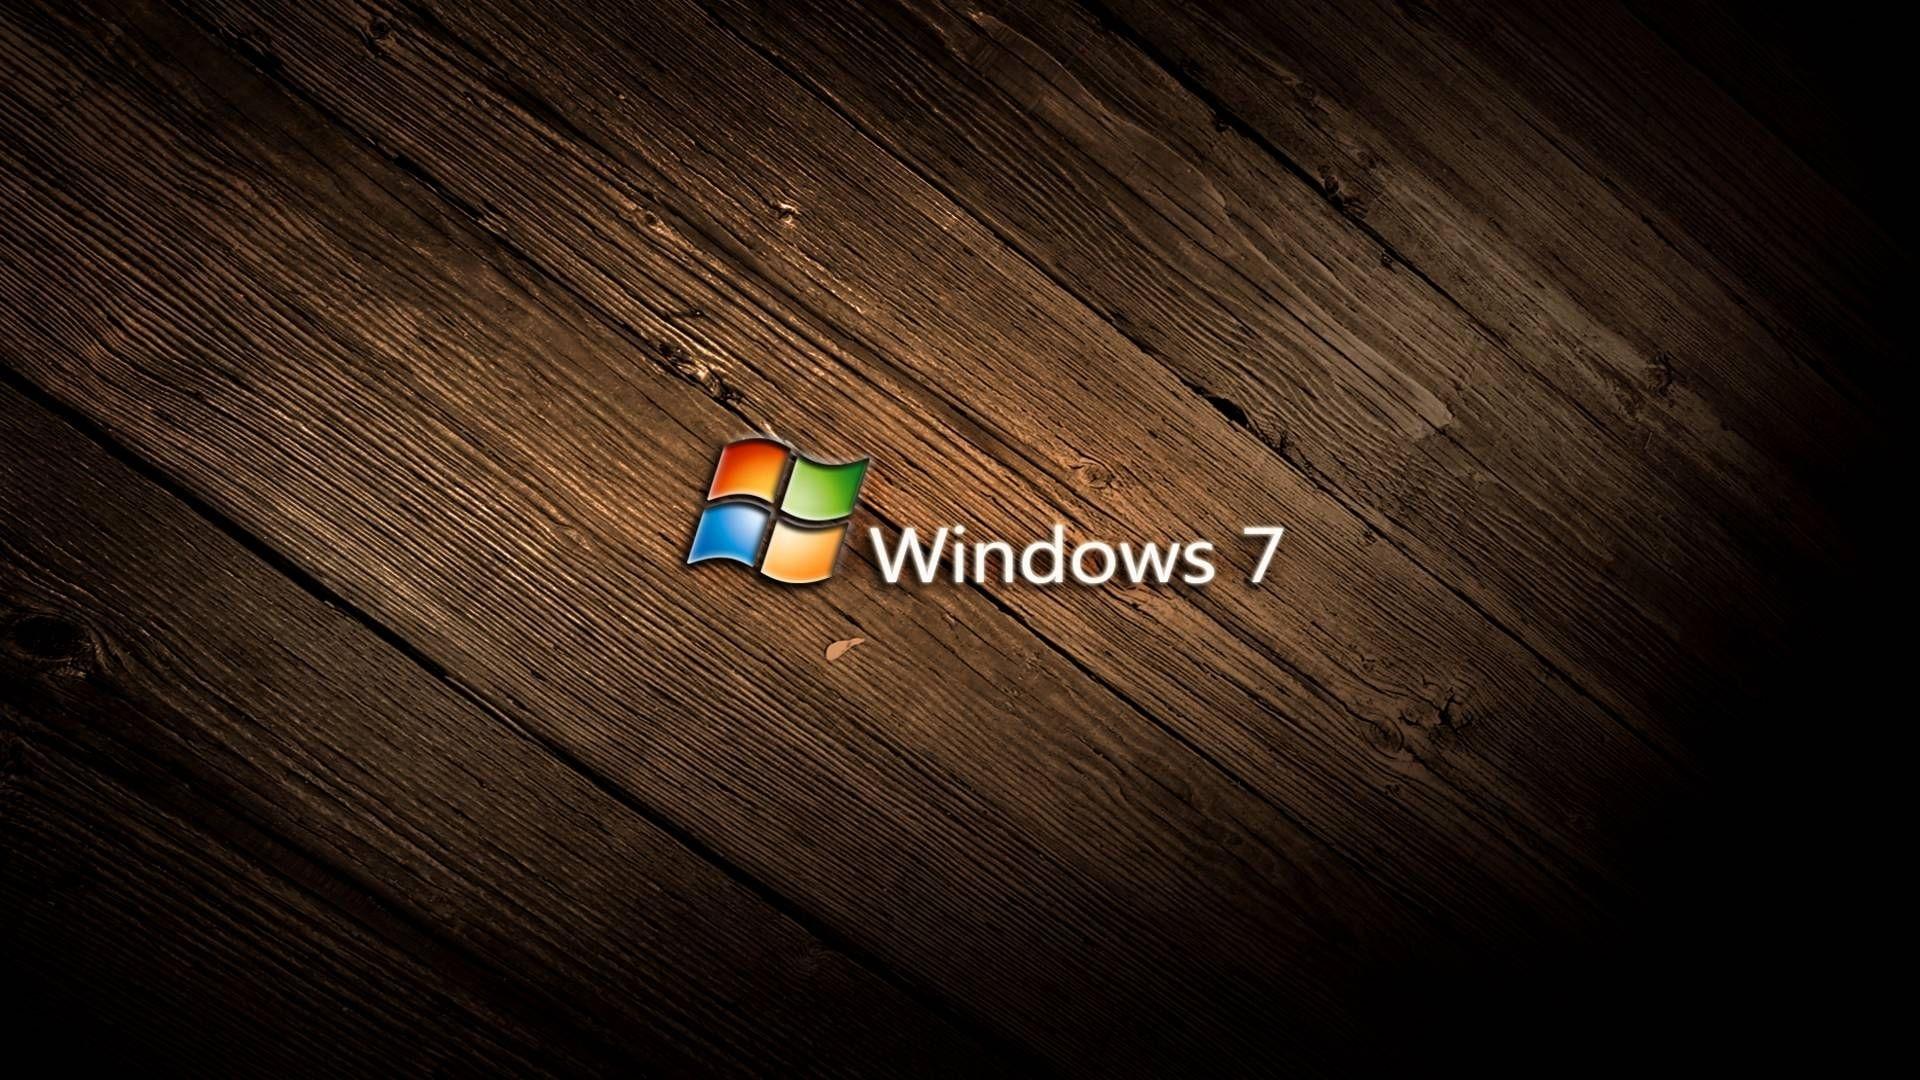 windows wood hd desktop wallpaper widescreen high definition | 3d